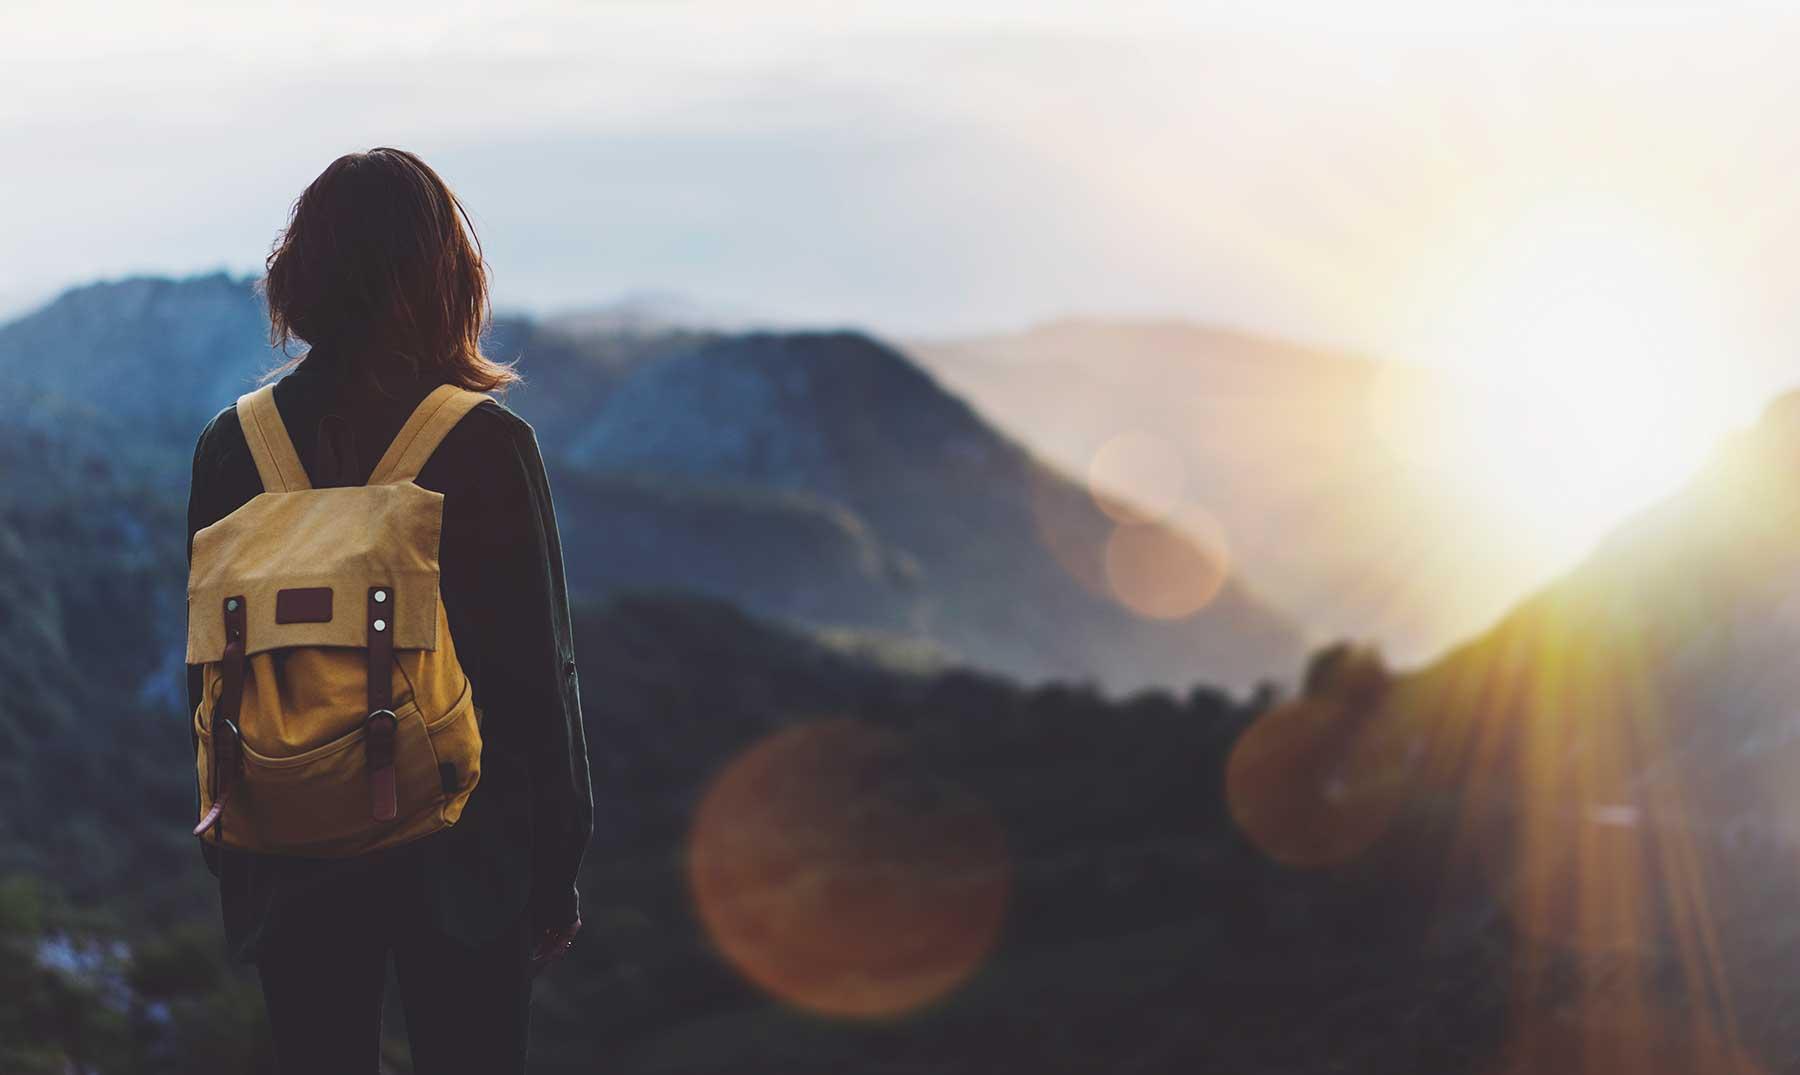 30 Frases De La Vida Bonitas Y Cortas Que Te Harán